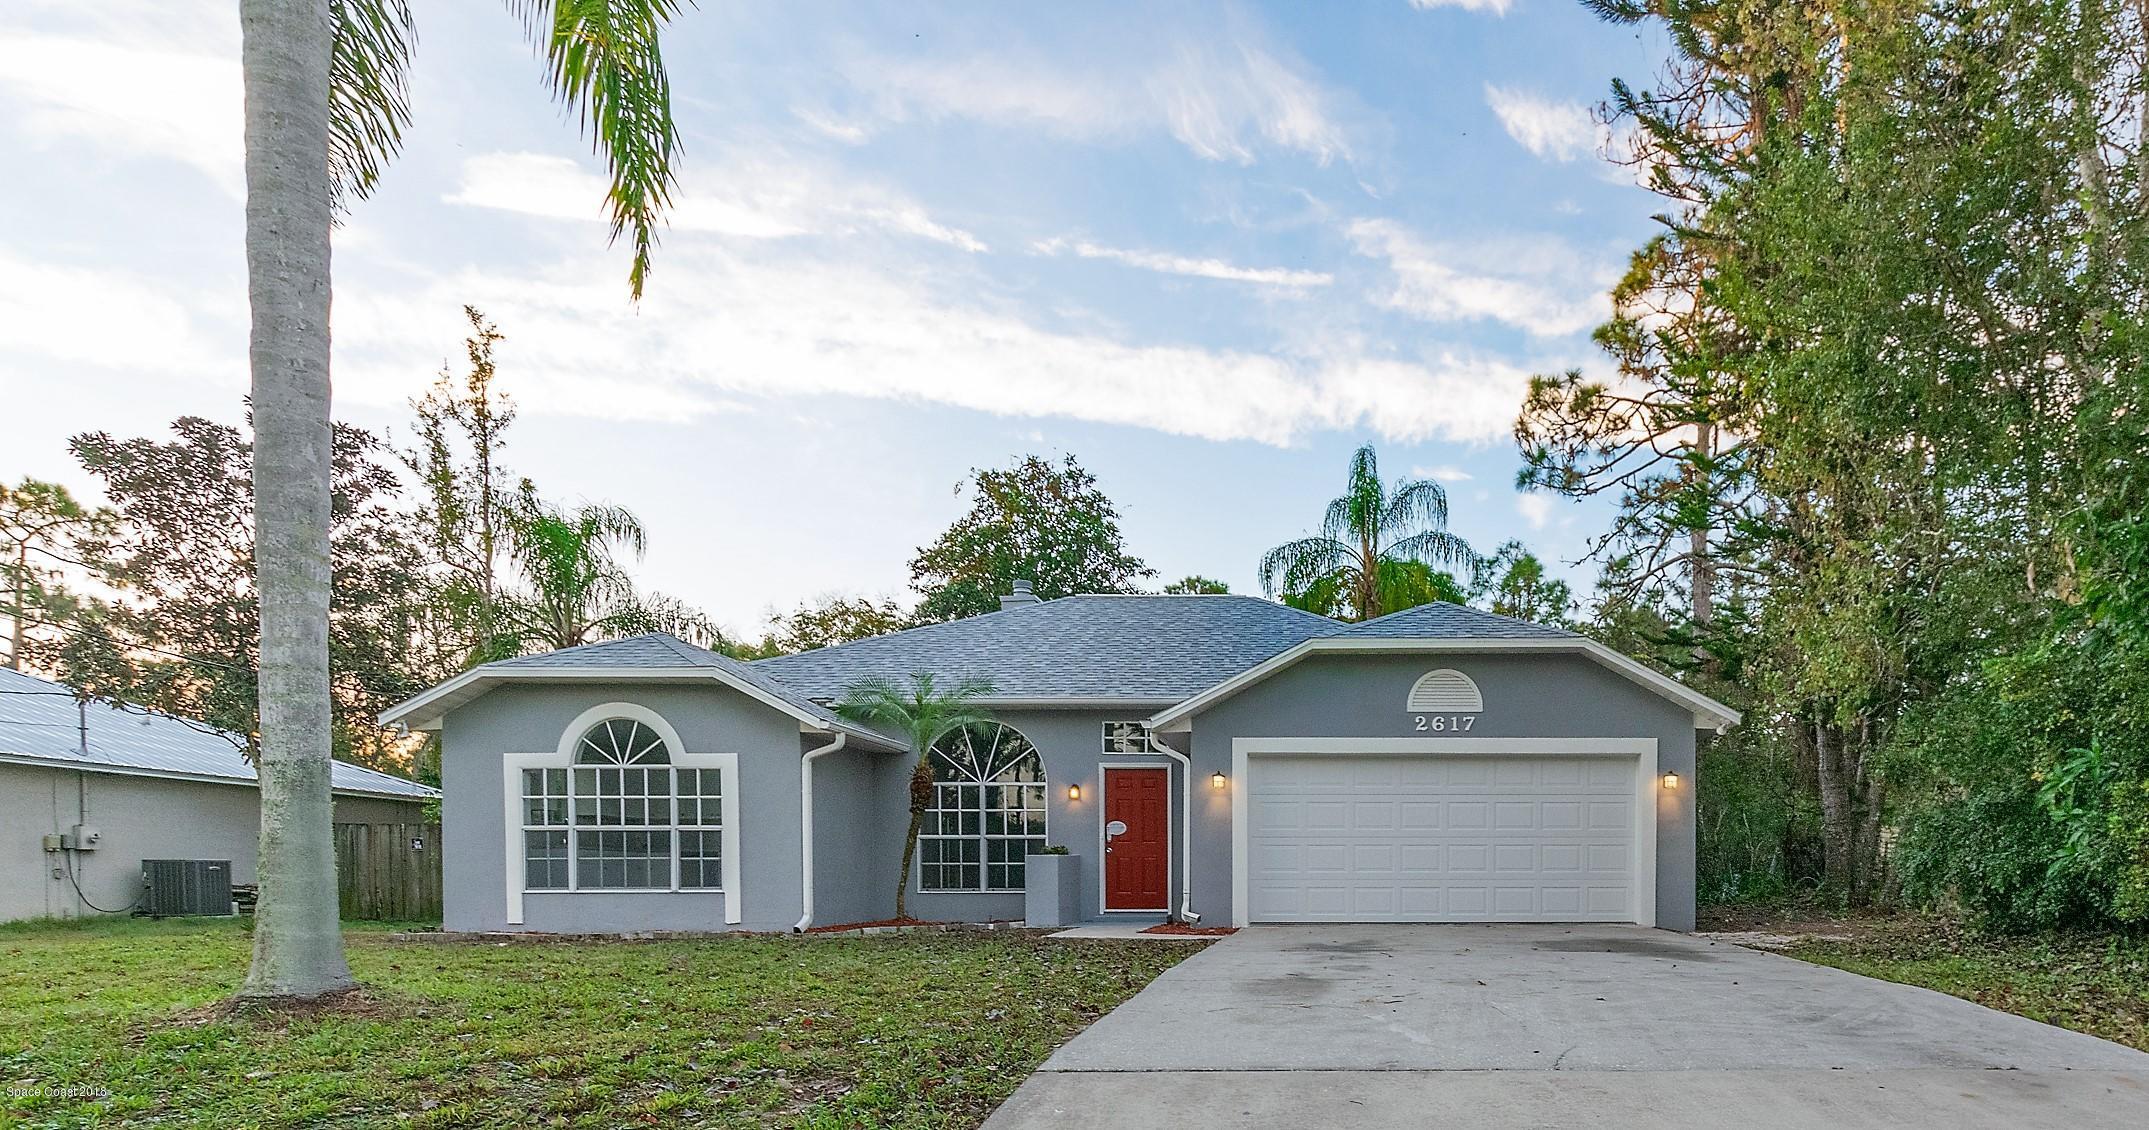 Maison unifamiliale pour l Vente à 2617 35th 2617 35th Edgewater, Floride 32141 États-Unis